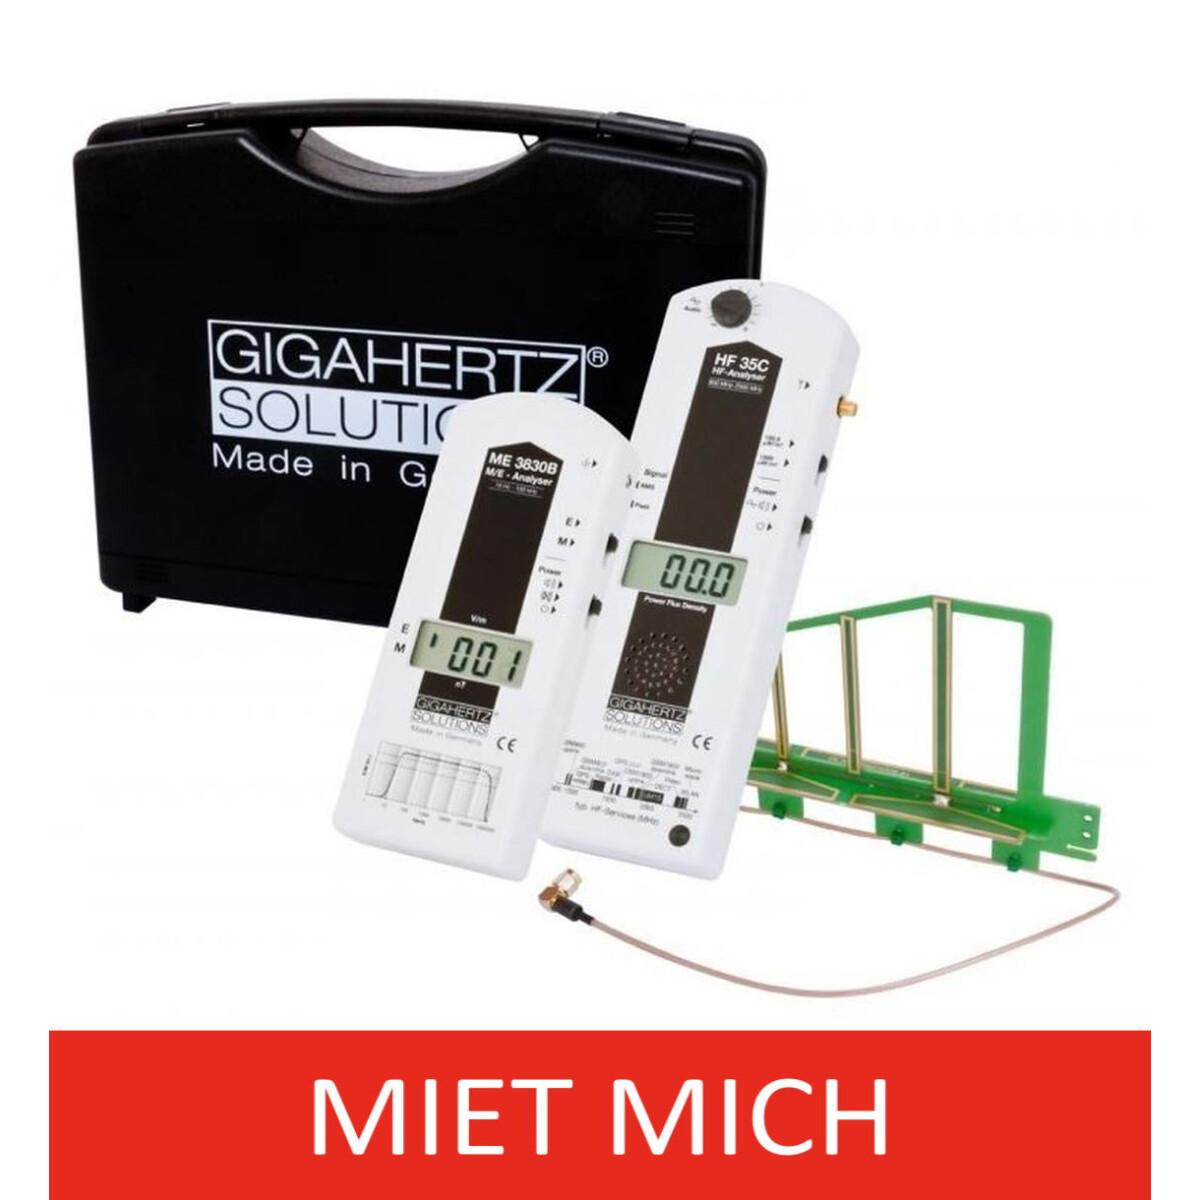 hf nf gigahertz solutions elektrosmog messkoffer mk20 g nstig miete 70 00. Black Bedroom Furniture Sets. Home Design Ideas